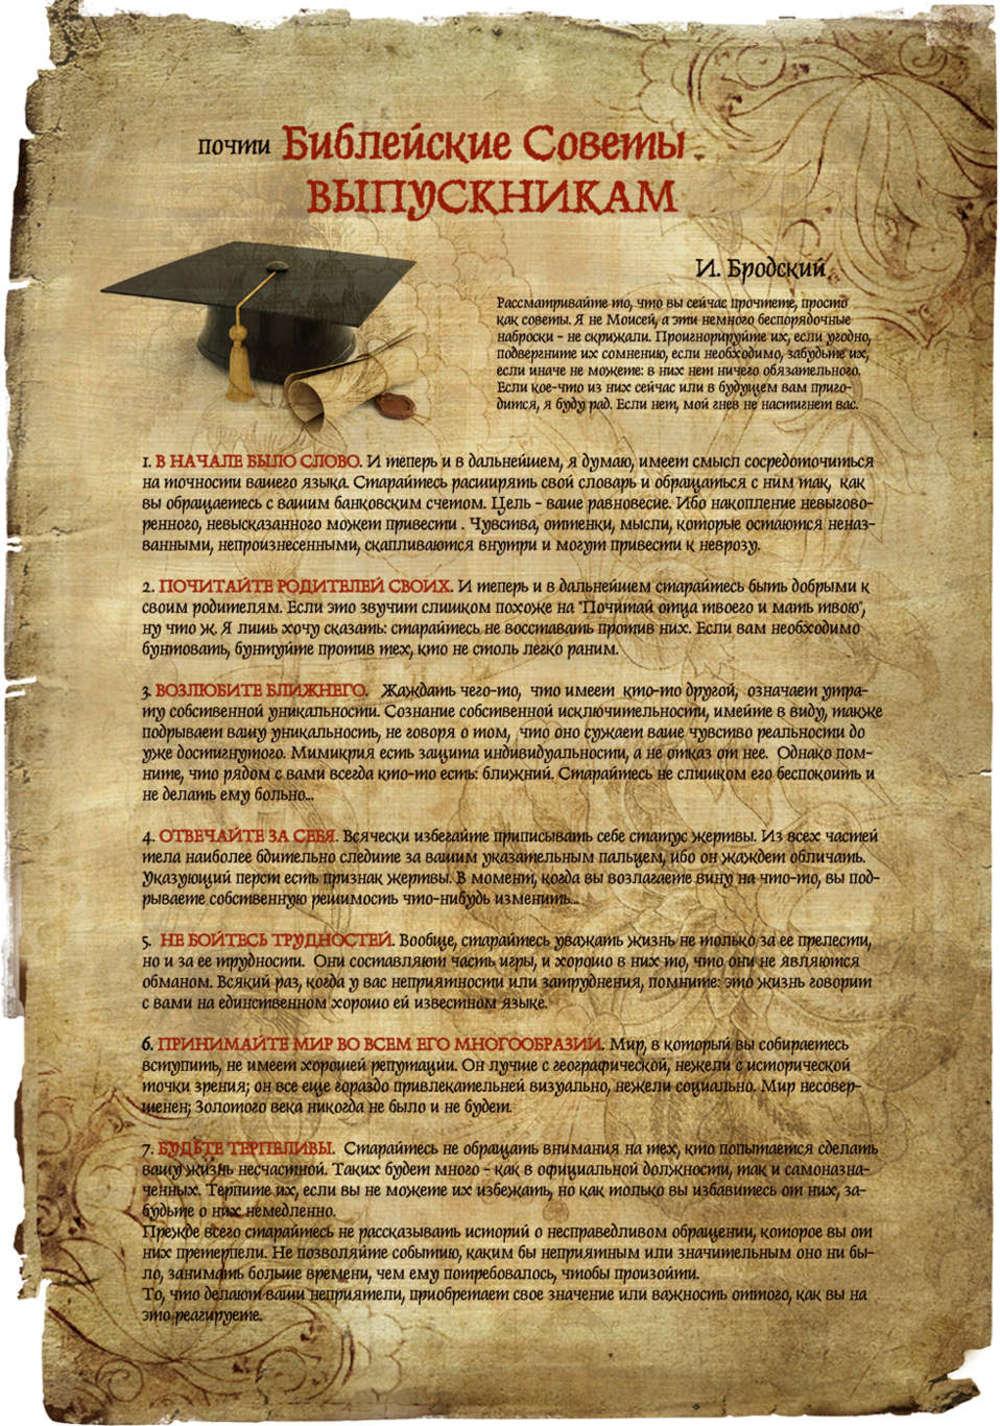 Оригинальное поздравление для выпускников от классного руководителя